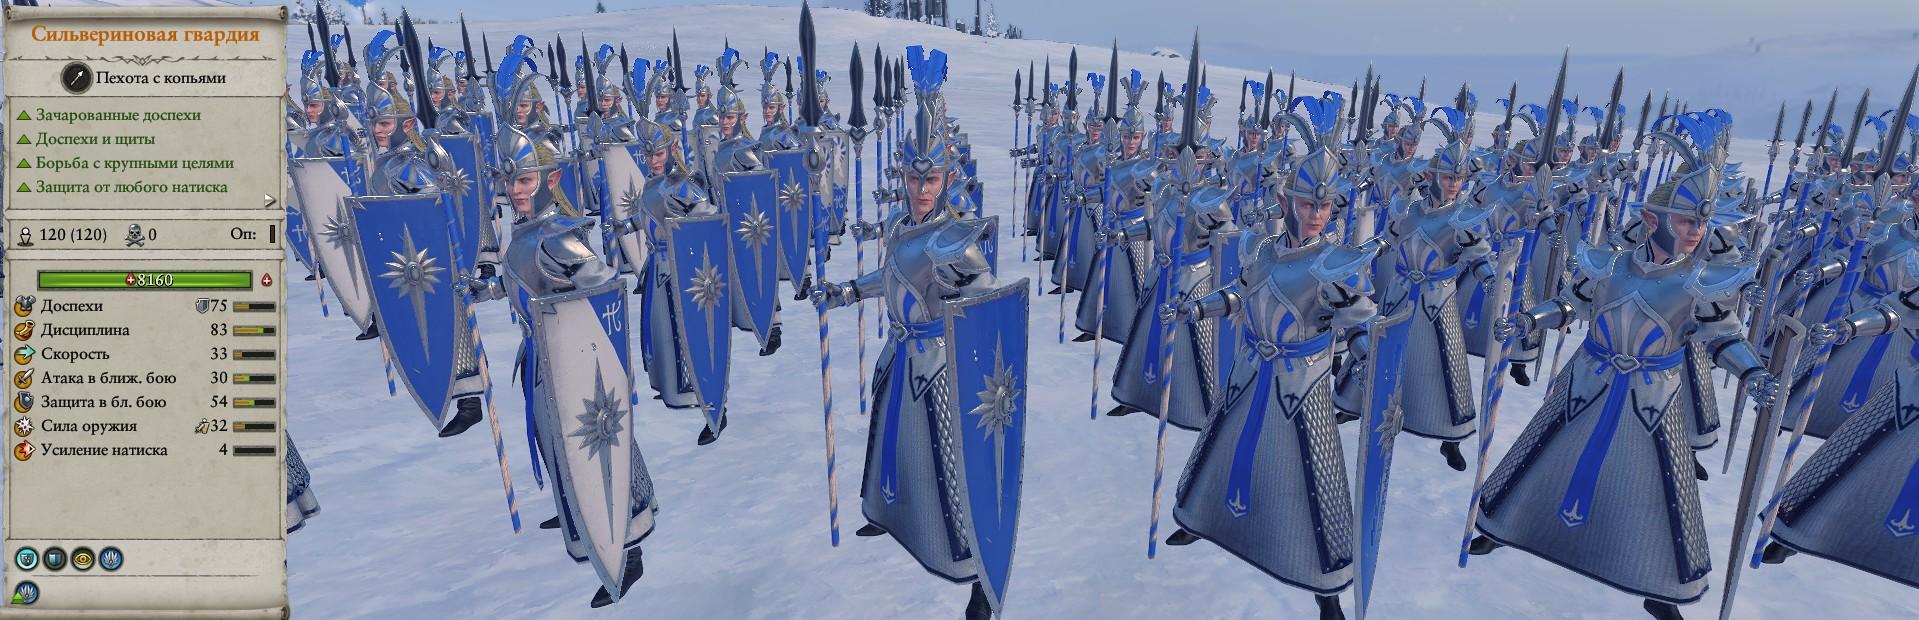 Сильвериновая гвардия отряды warhammer total war 2